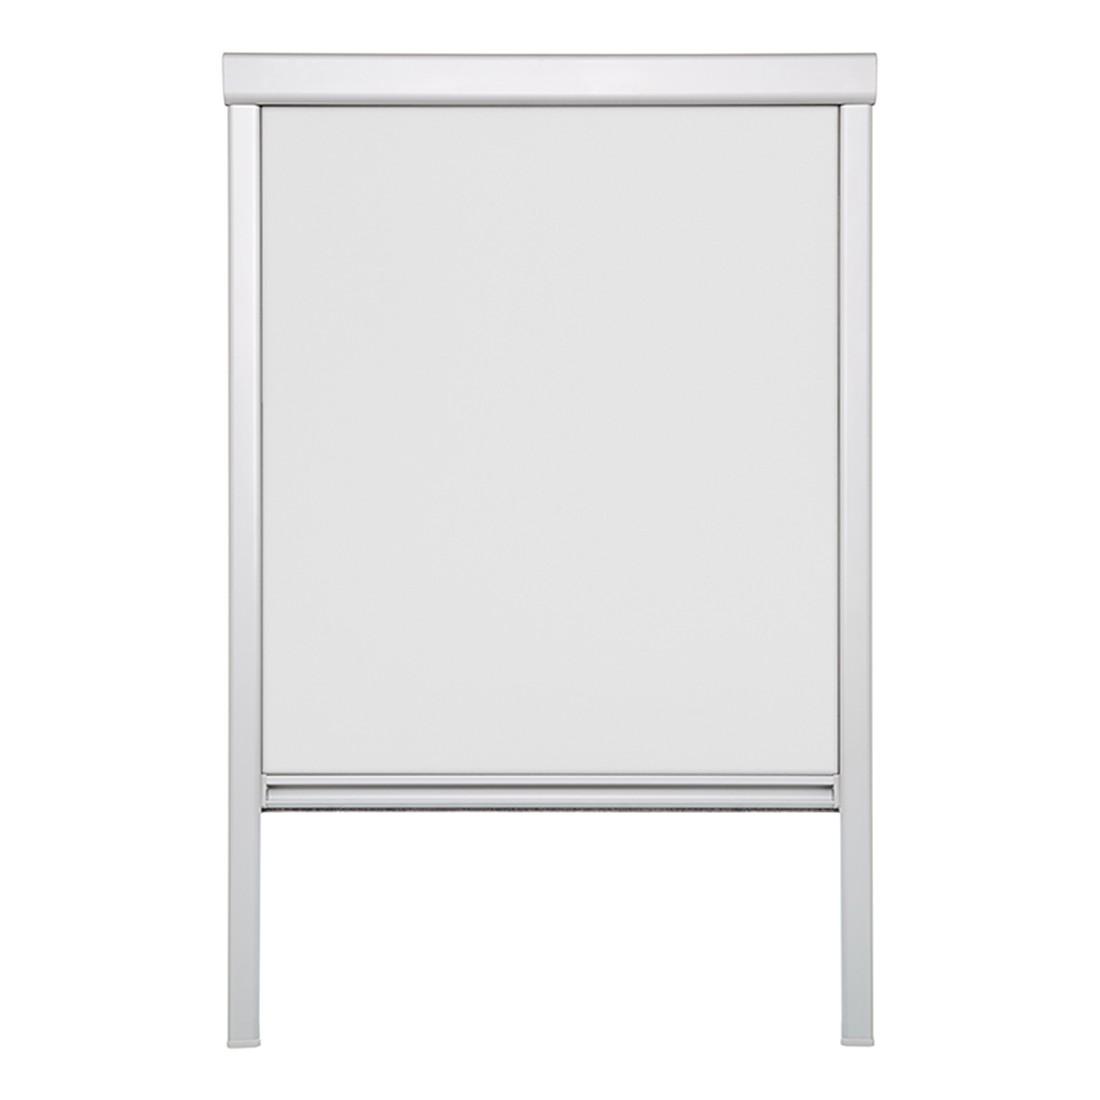 Dachfensterrollo, verdunkelnd – Polyester, Aluminium, Weiß – (H x B): 94 x 97,3 cm, Wohn-Guide günstig online kaufen